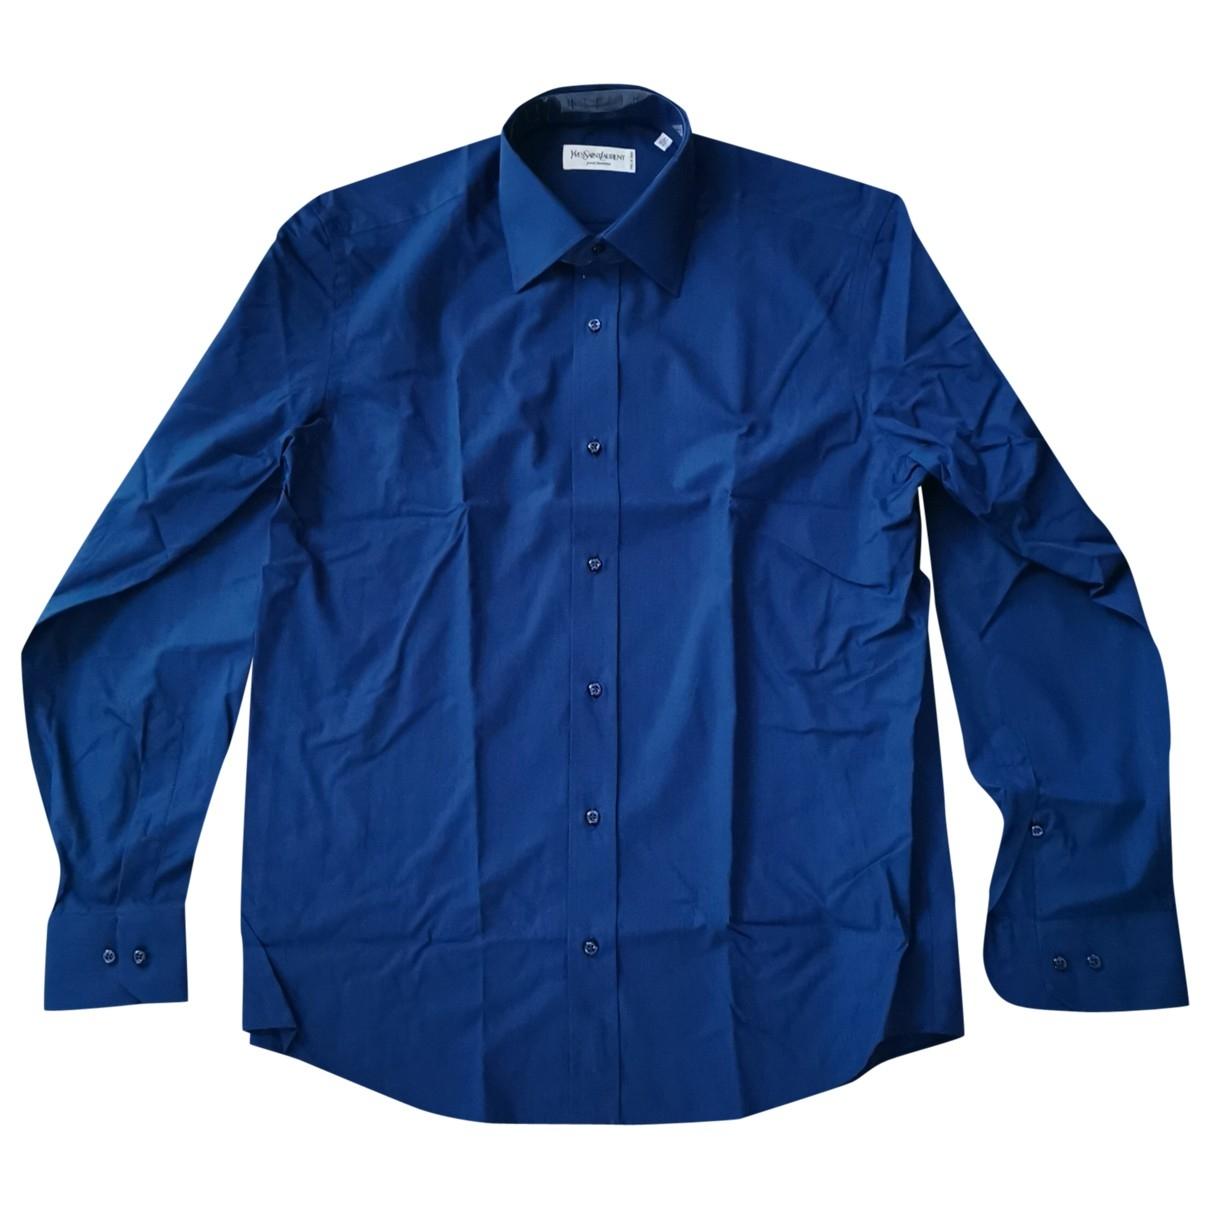 Yves Saint Laurent \N Navy Cotton Shirts for Men 42 EU (tour de cou / collar)